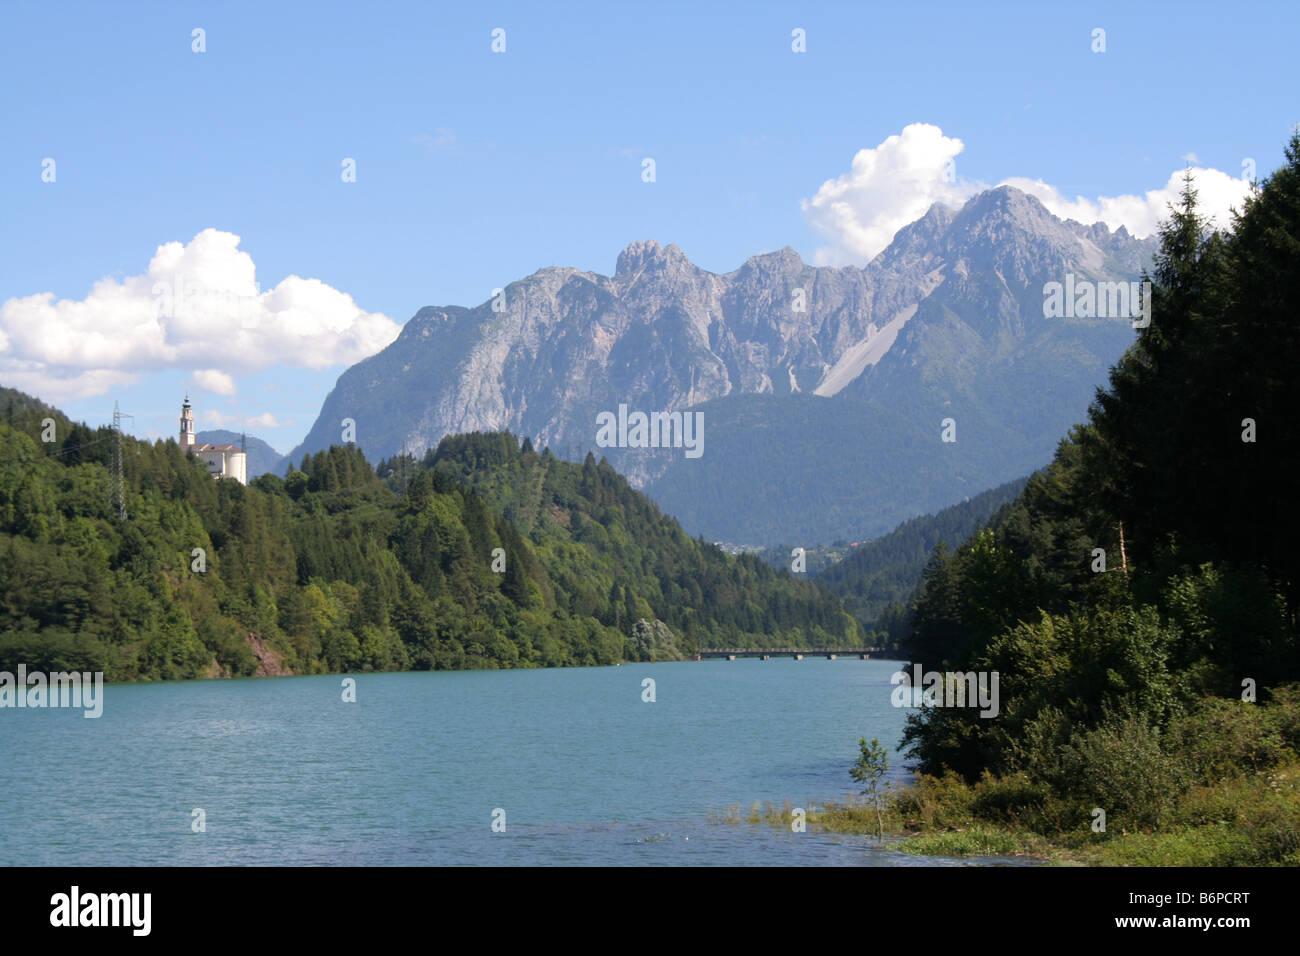 Lago Centro Cadore in the Italian Dolomites - Stock Image